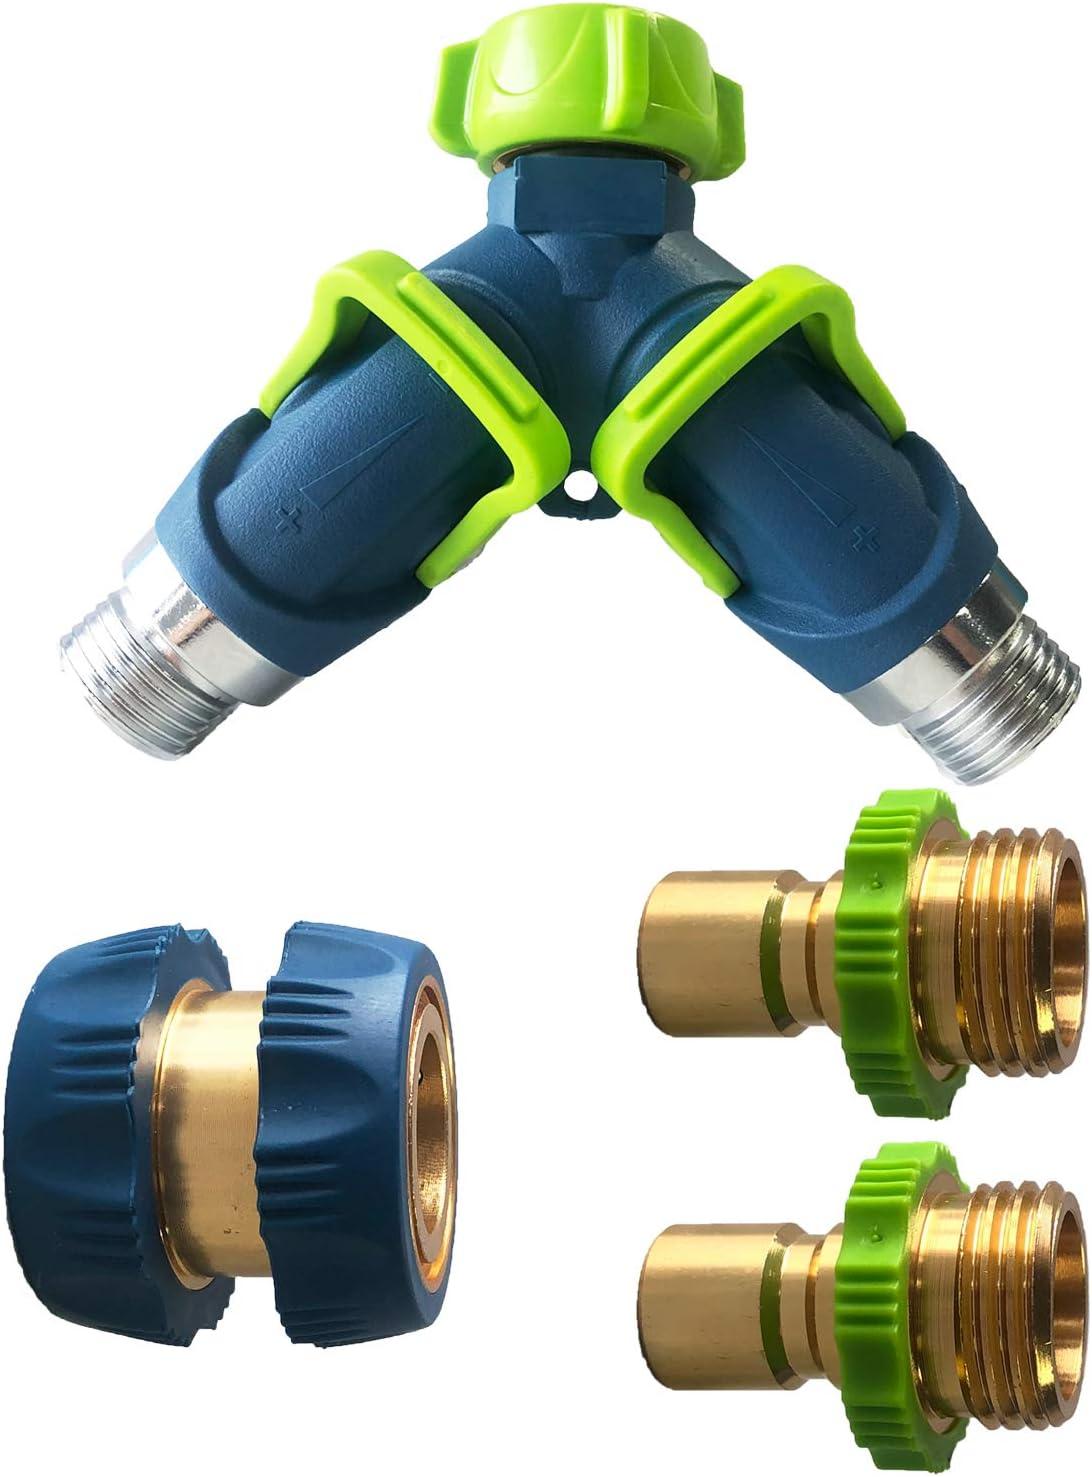 Heavy Duty Brass Garden Hose Y Splitter Connect Faucet (2 Way/4Way), 3/4